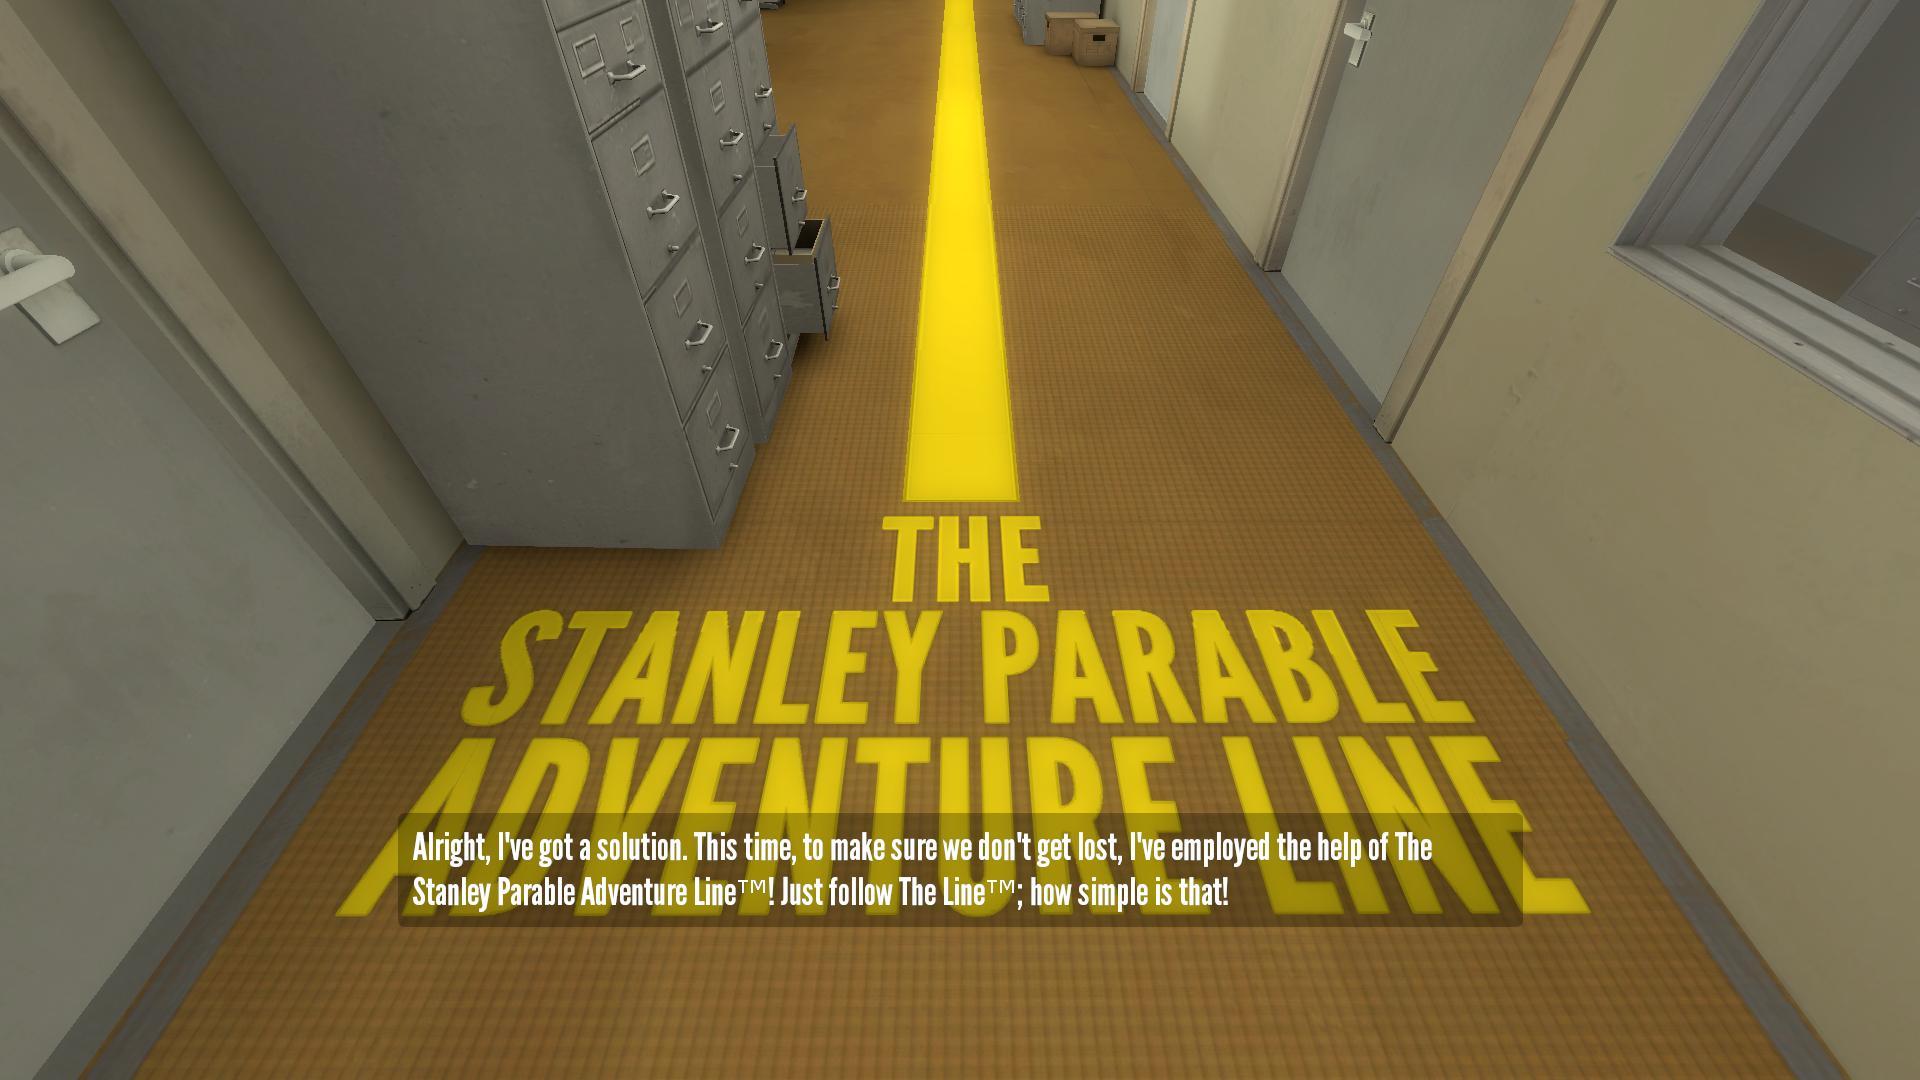 stanley 2013-10-28 00-05-01-47